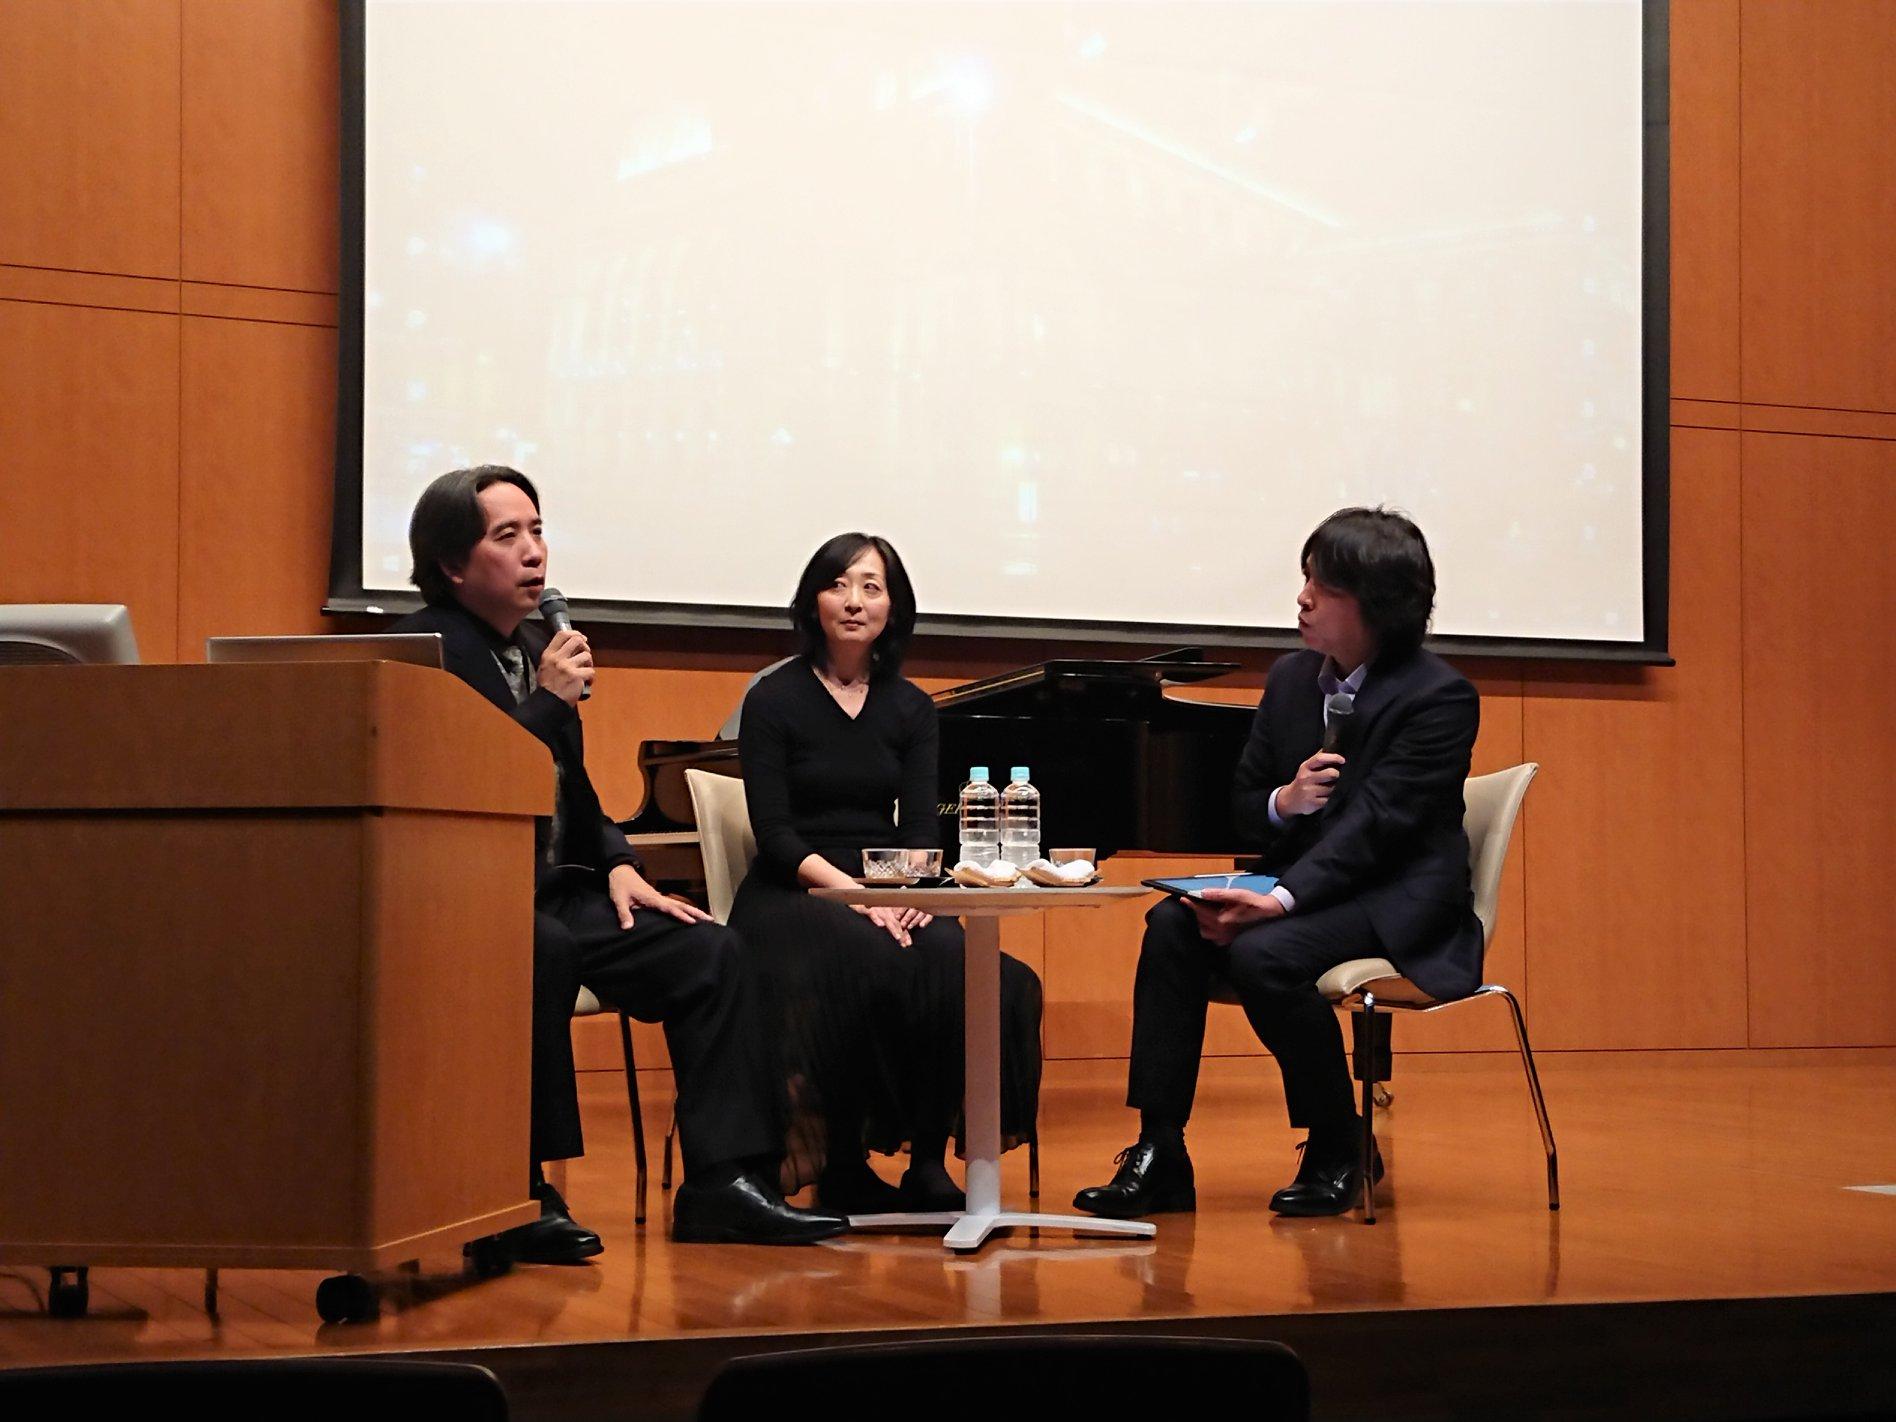 甲斐栄次郎客員教授の公開講座「ウィーンの劇場生活10年を振り返って」を開催しました